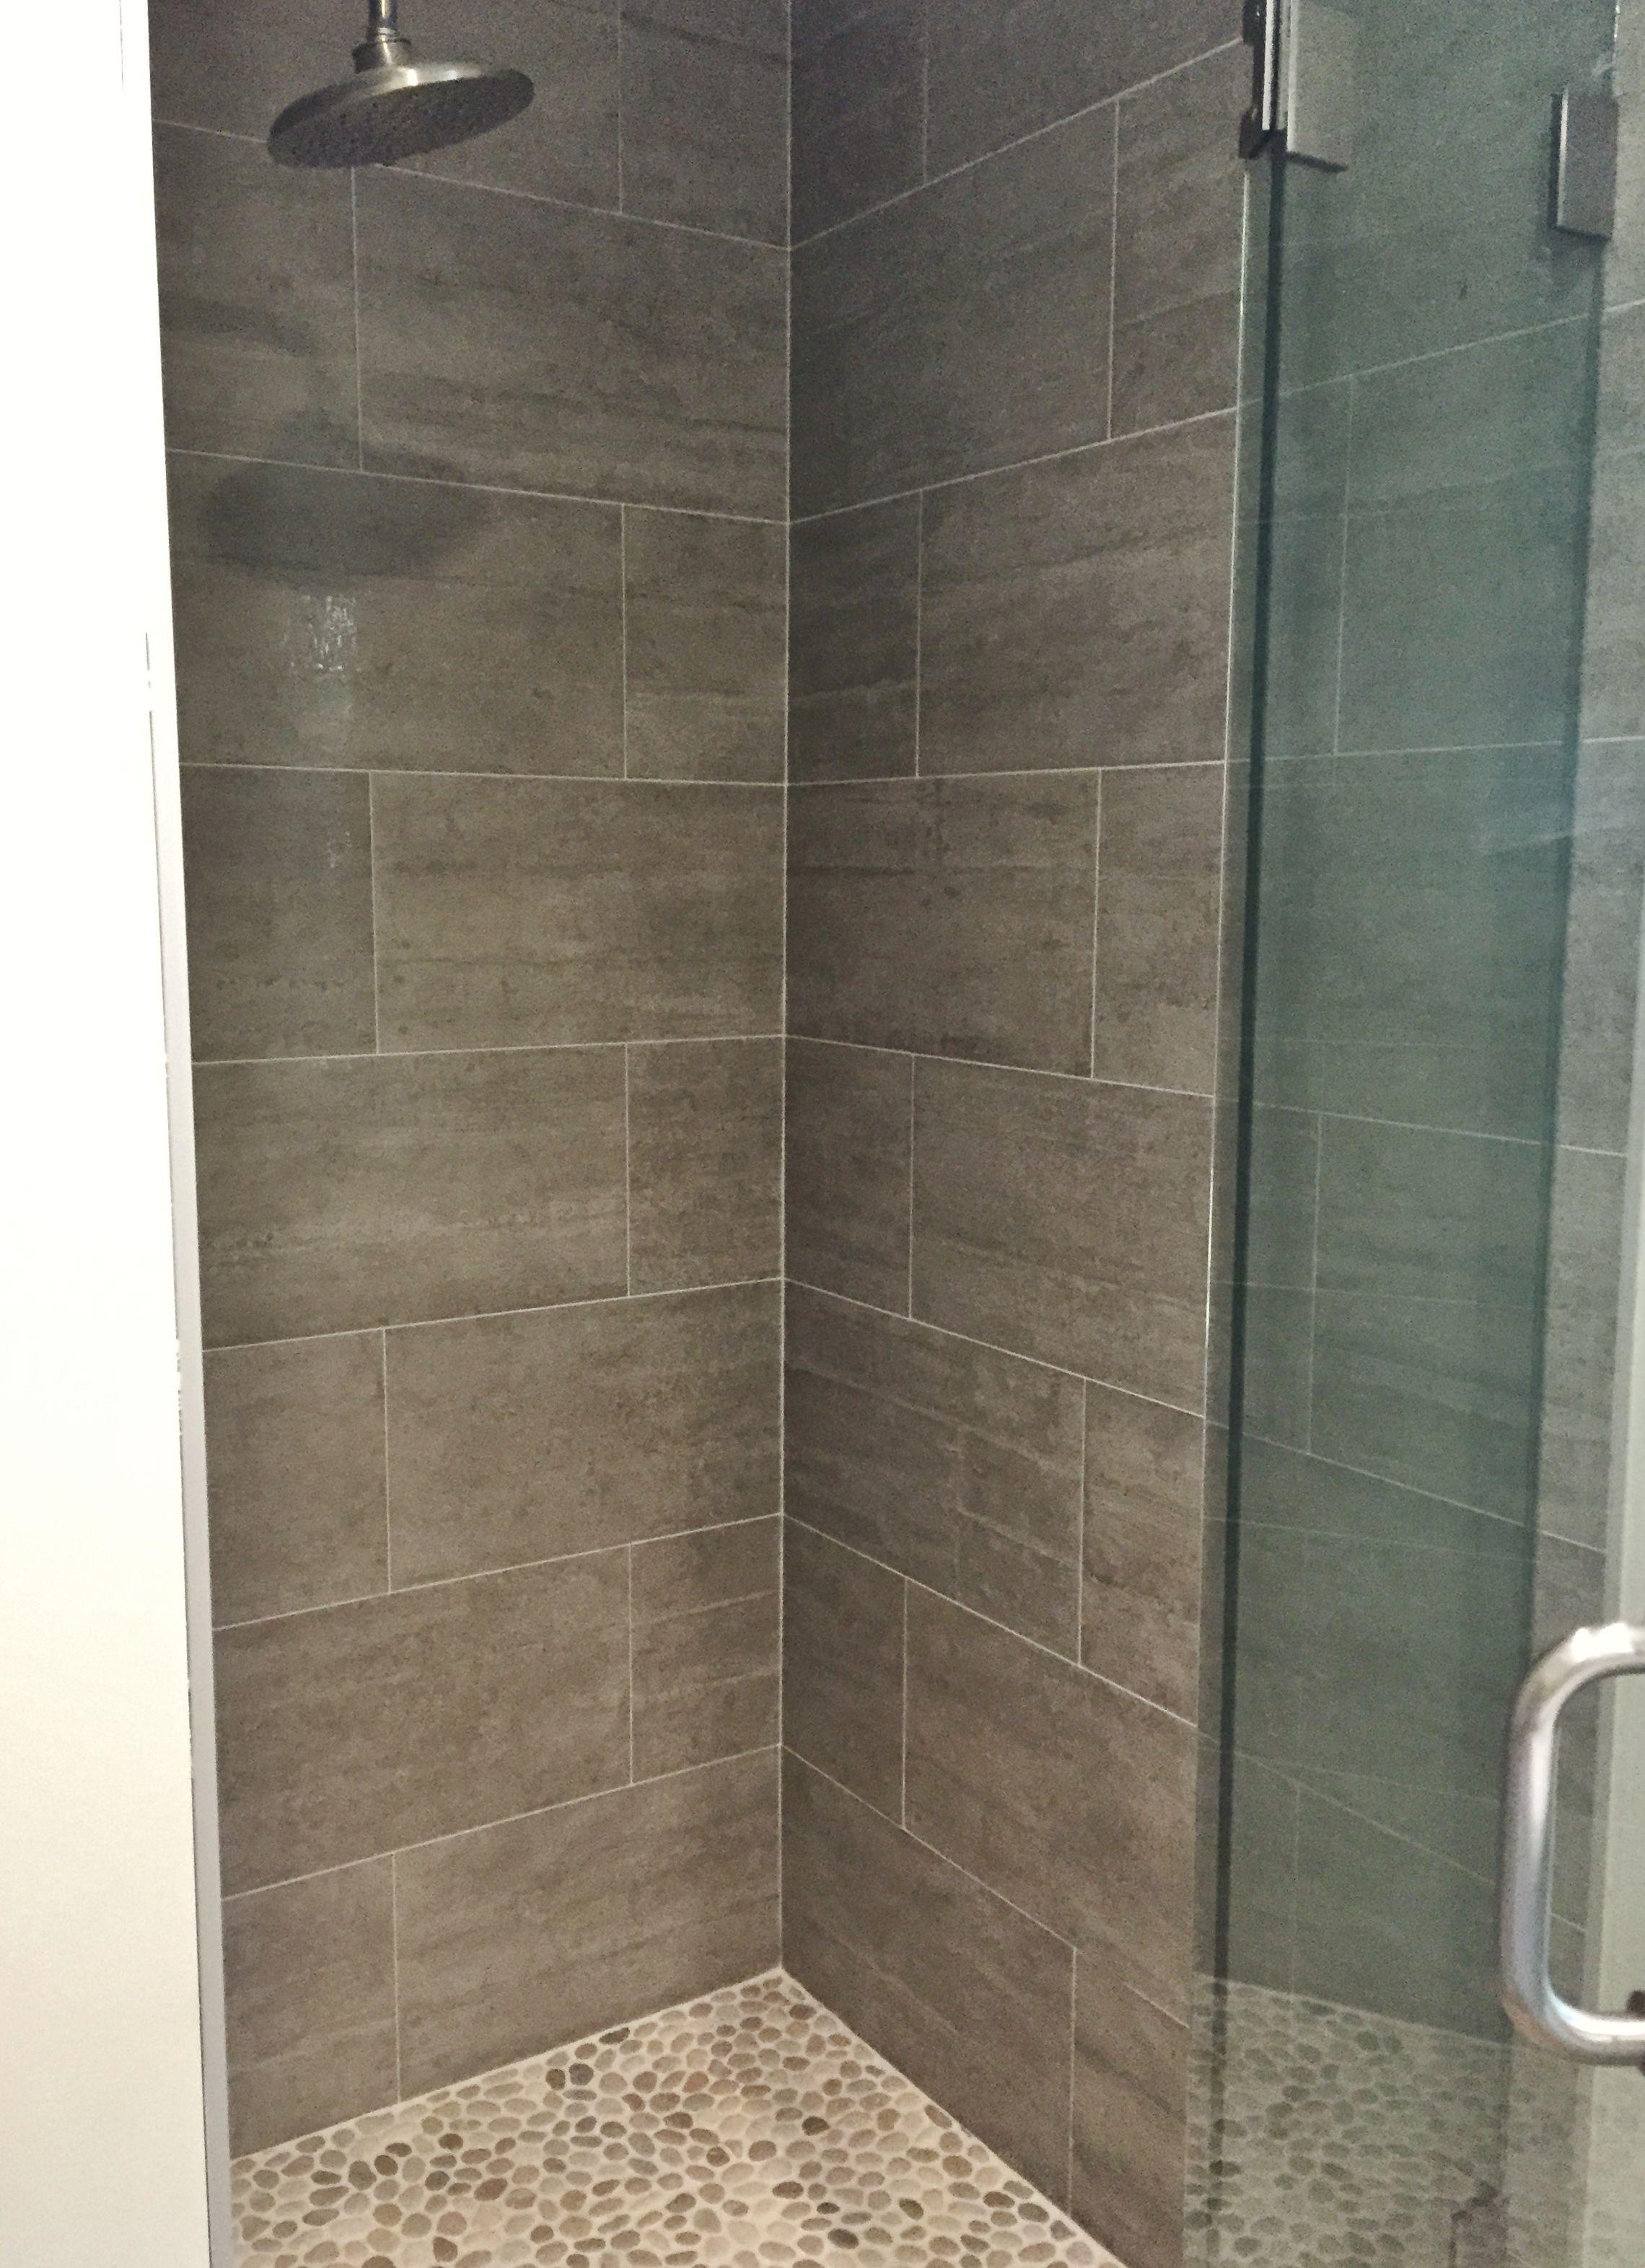 Master Shower 12x24 Porcelain Tile On Walls Pebbles On Floor Tile Jobs We 39 Ve Done